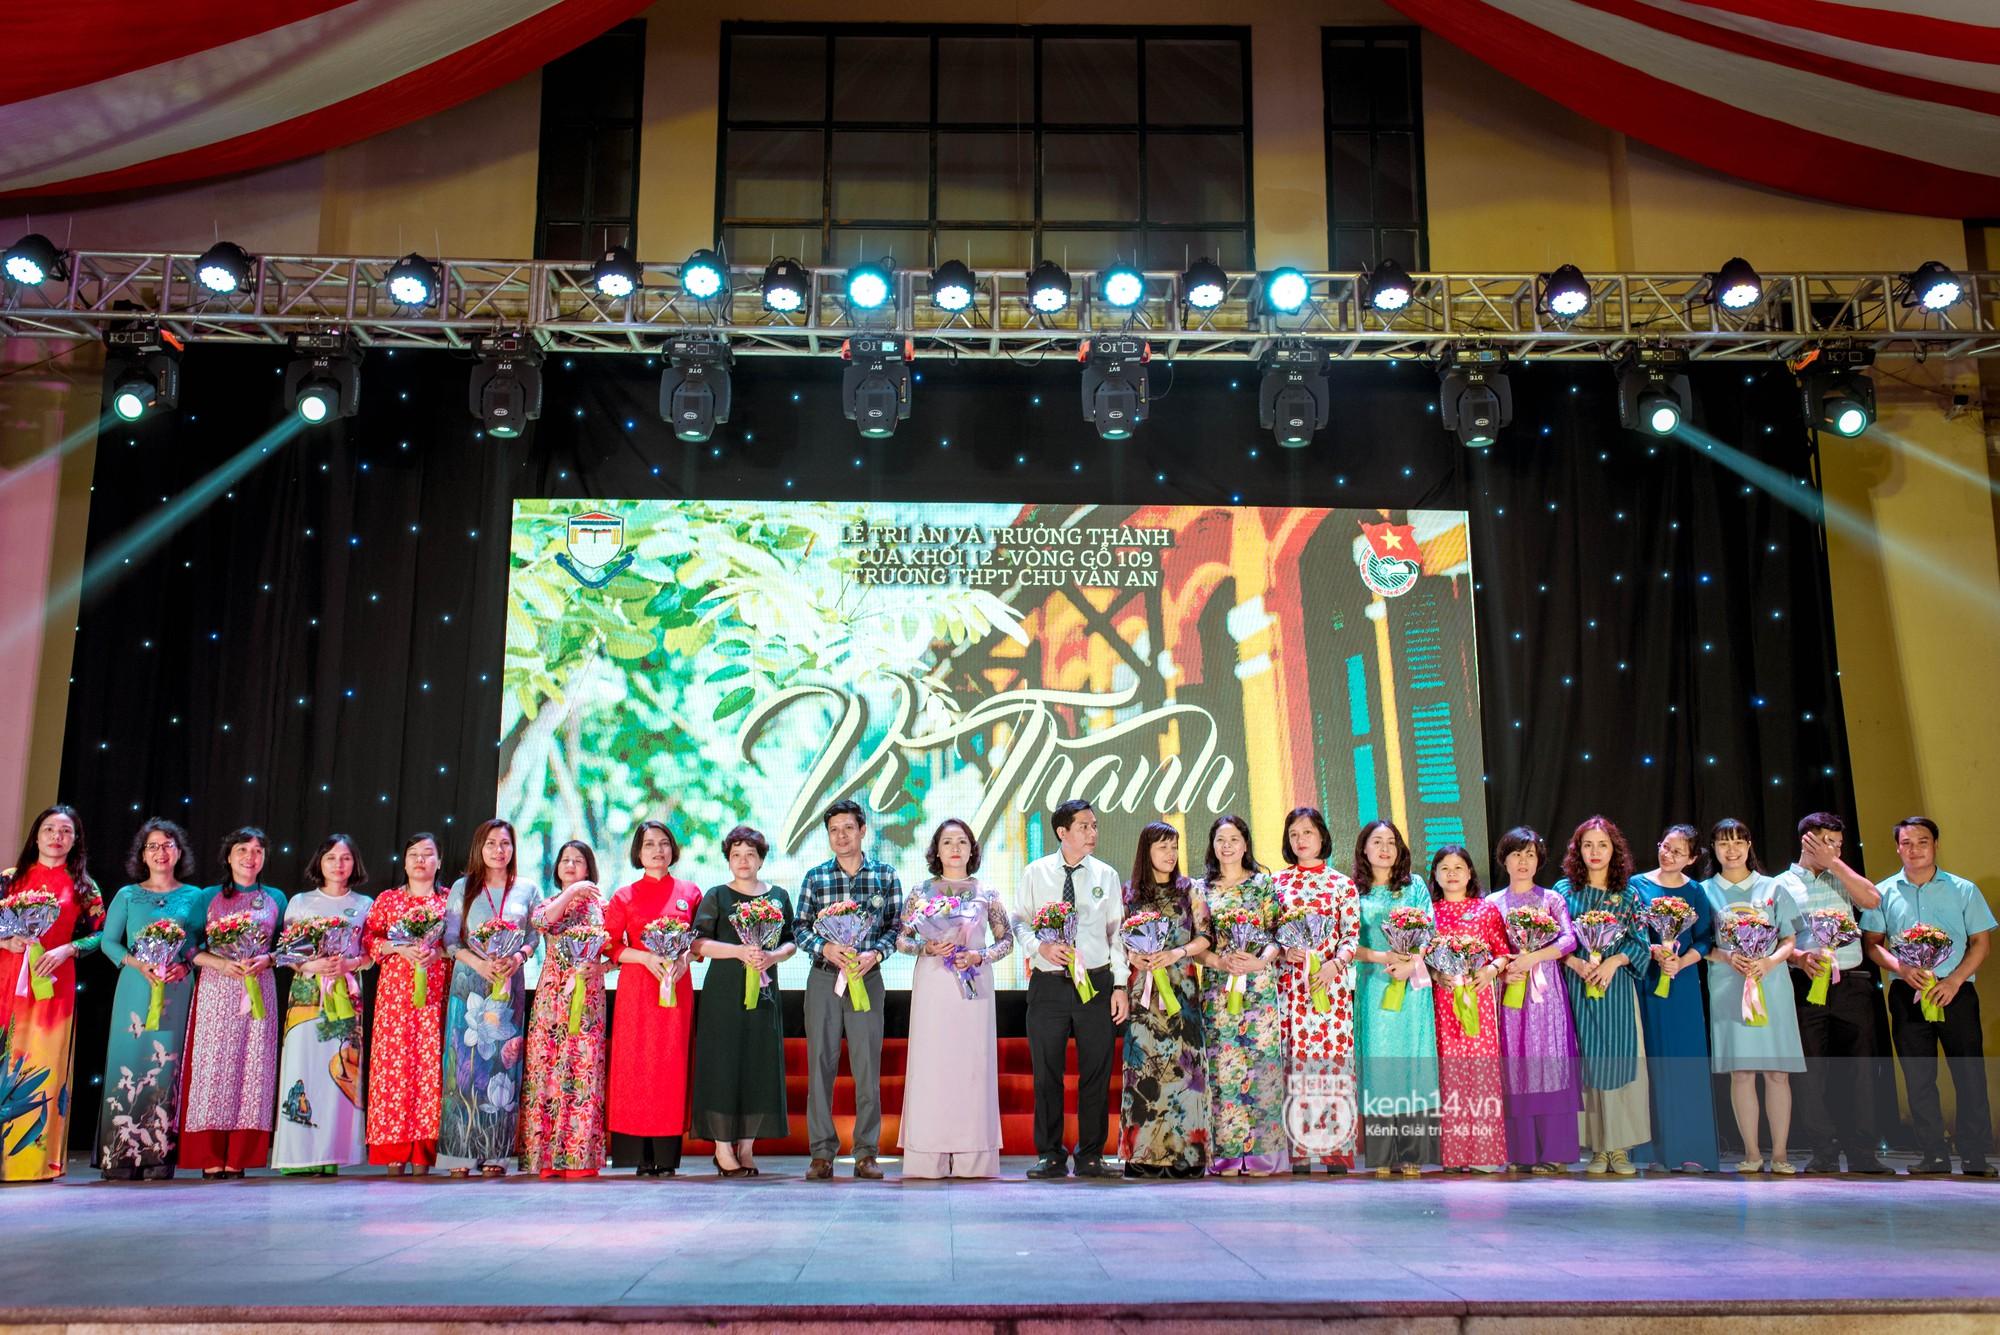 Ảnh 8: Tiệc trưởng thành trường Chu Văn An - We25.vn